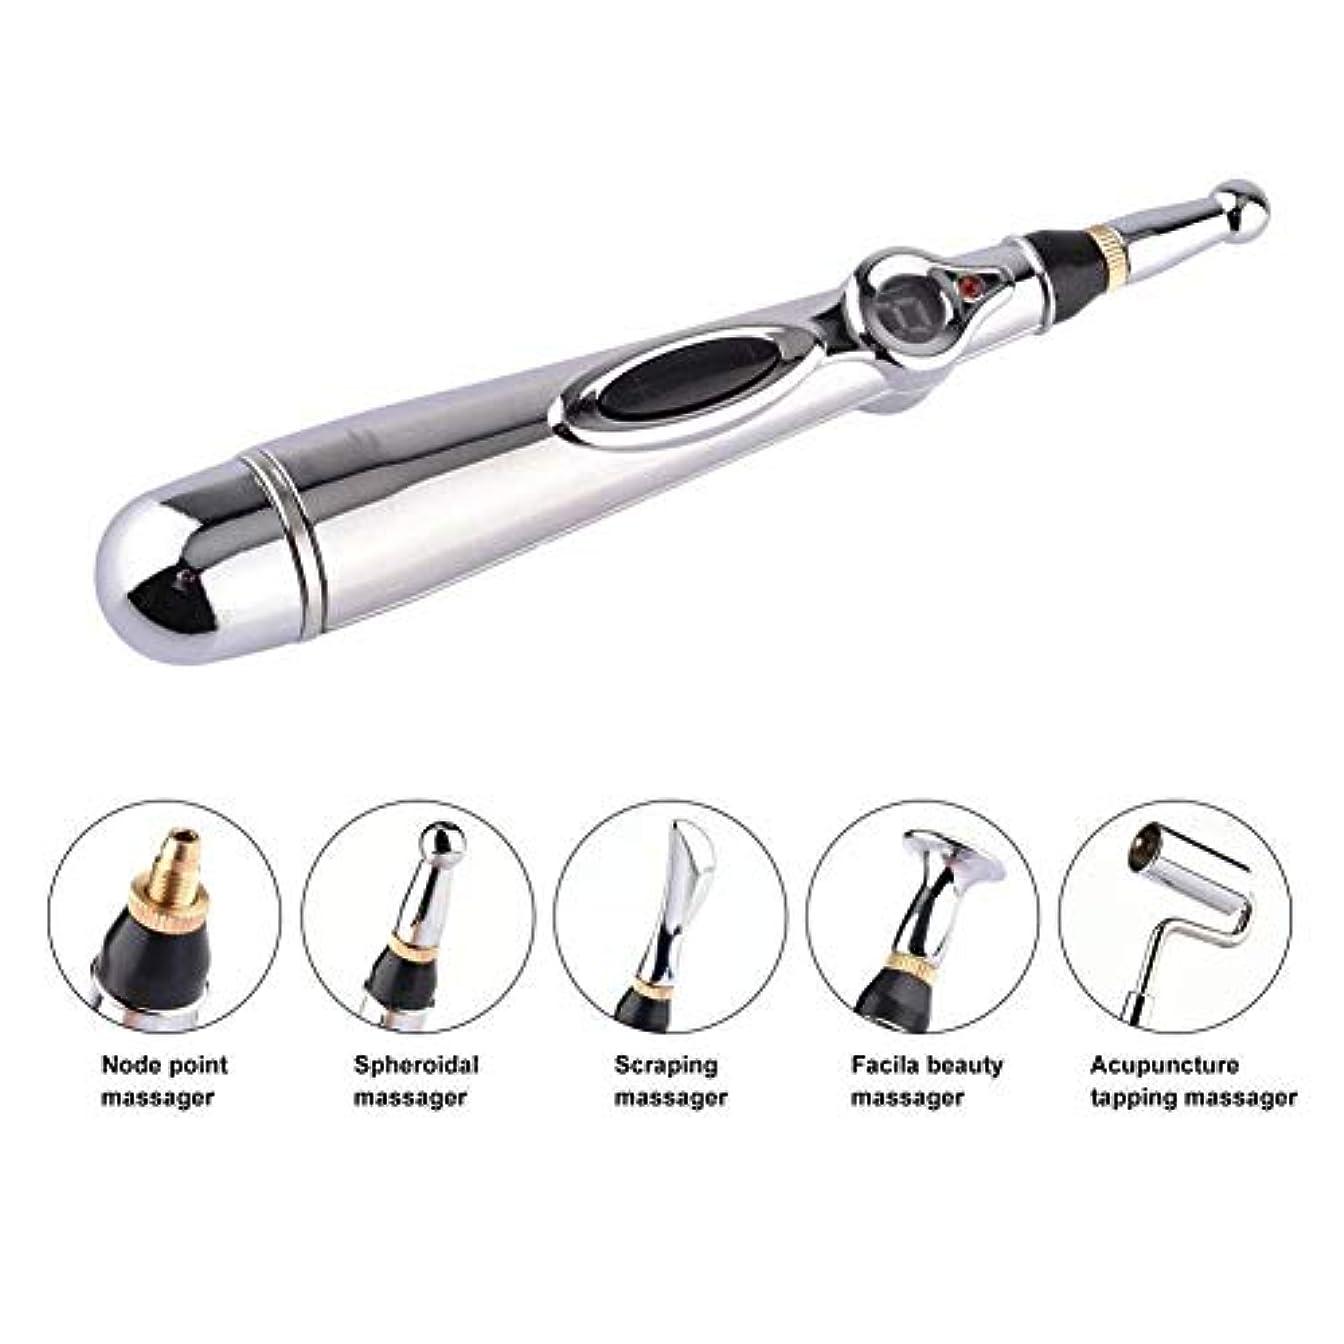 集団的相手優雅5-in-1電子鍼ペンMeridian Energy Pen Massager 5マッサージヘッド指圧マッサージで体の痛みを軽減